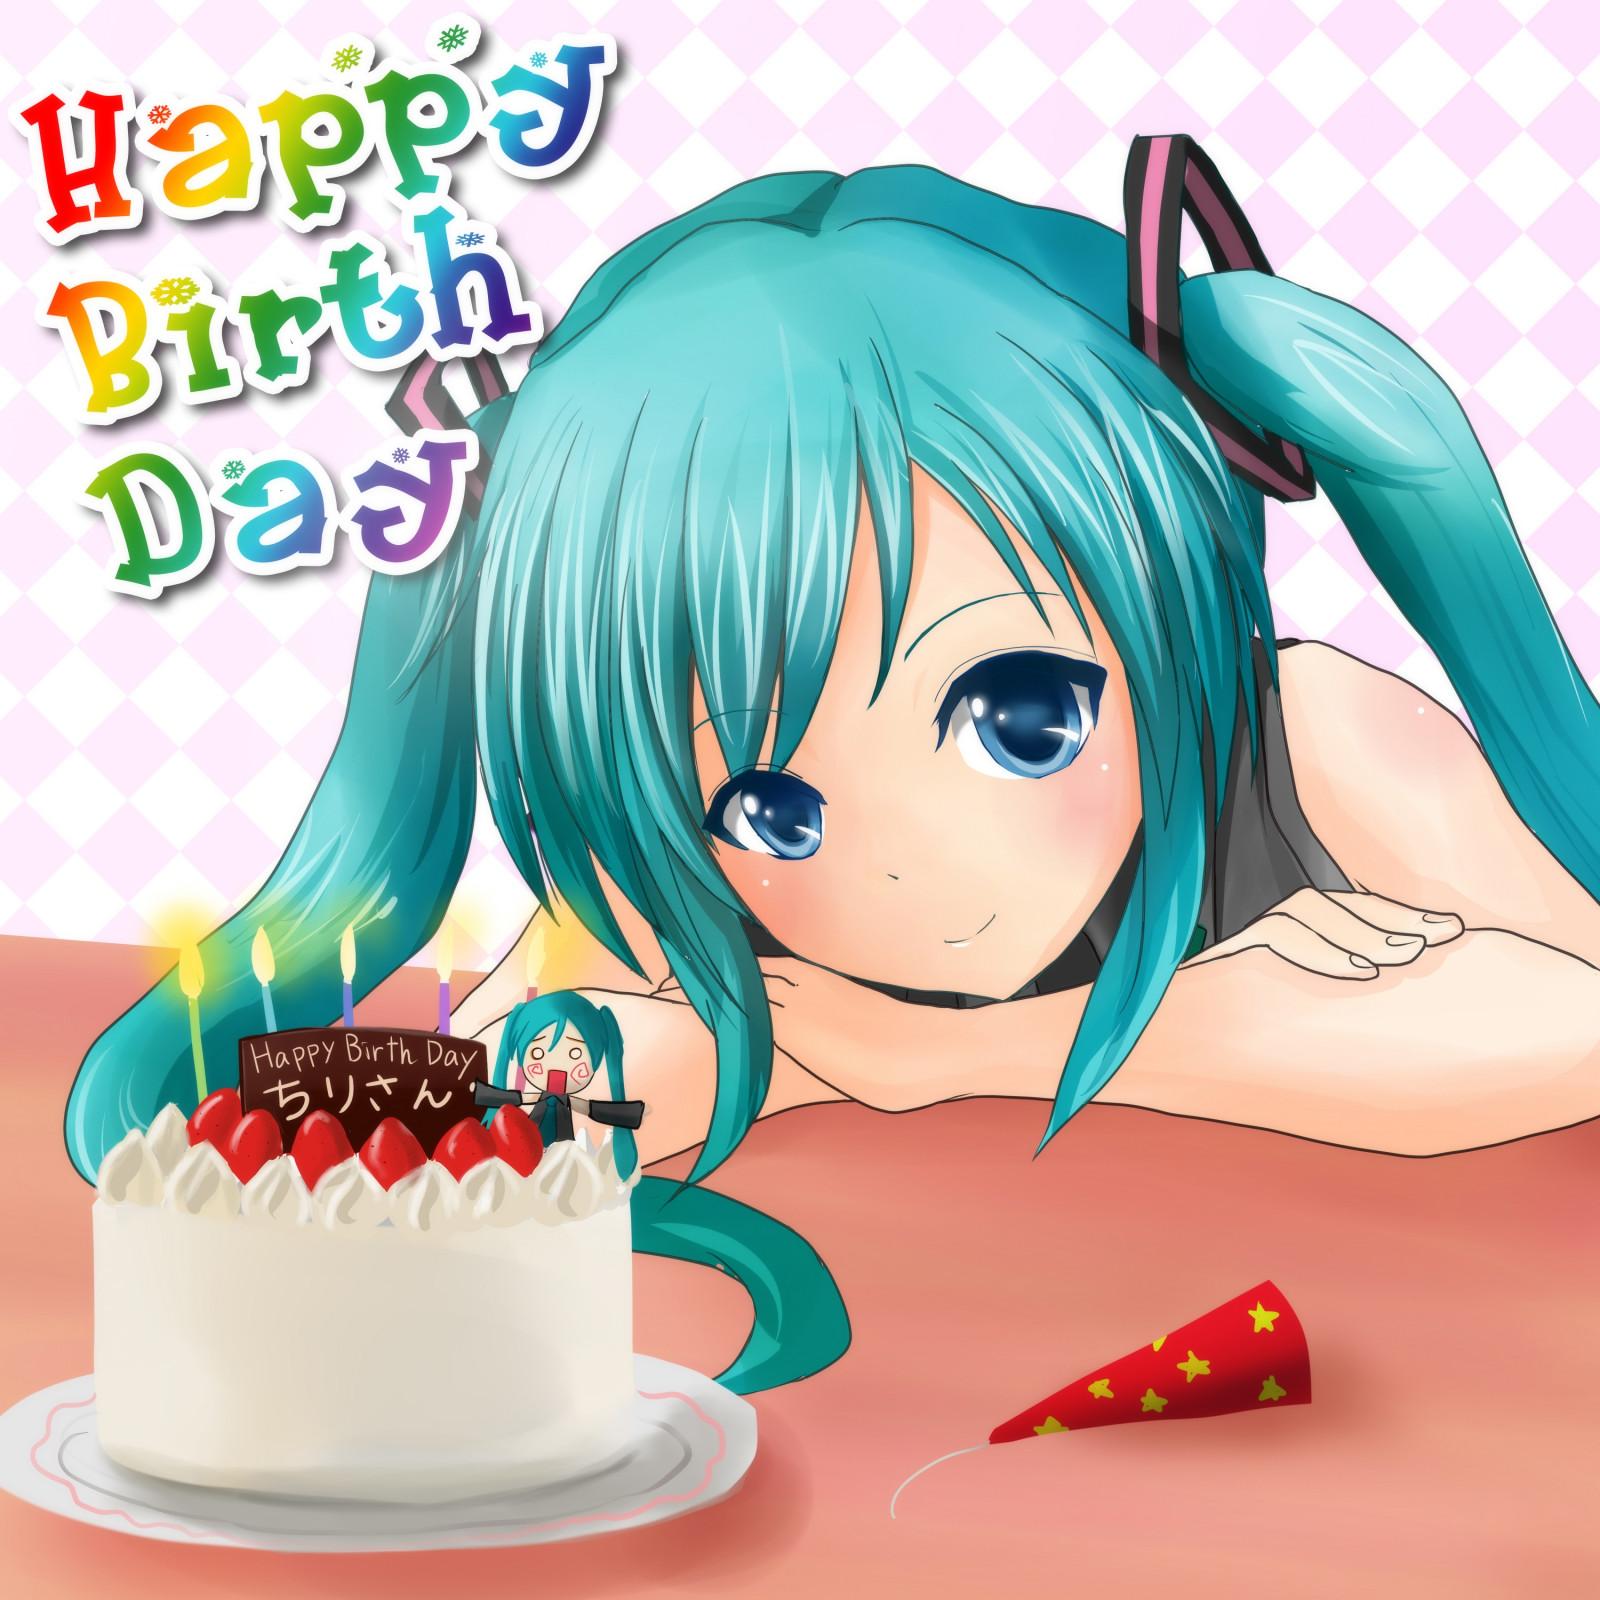 Красивые аниме картинки с днем рождения девушке, картинки дед